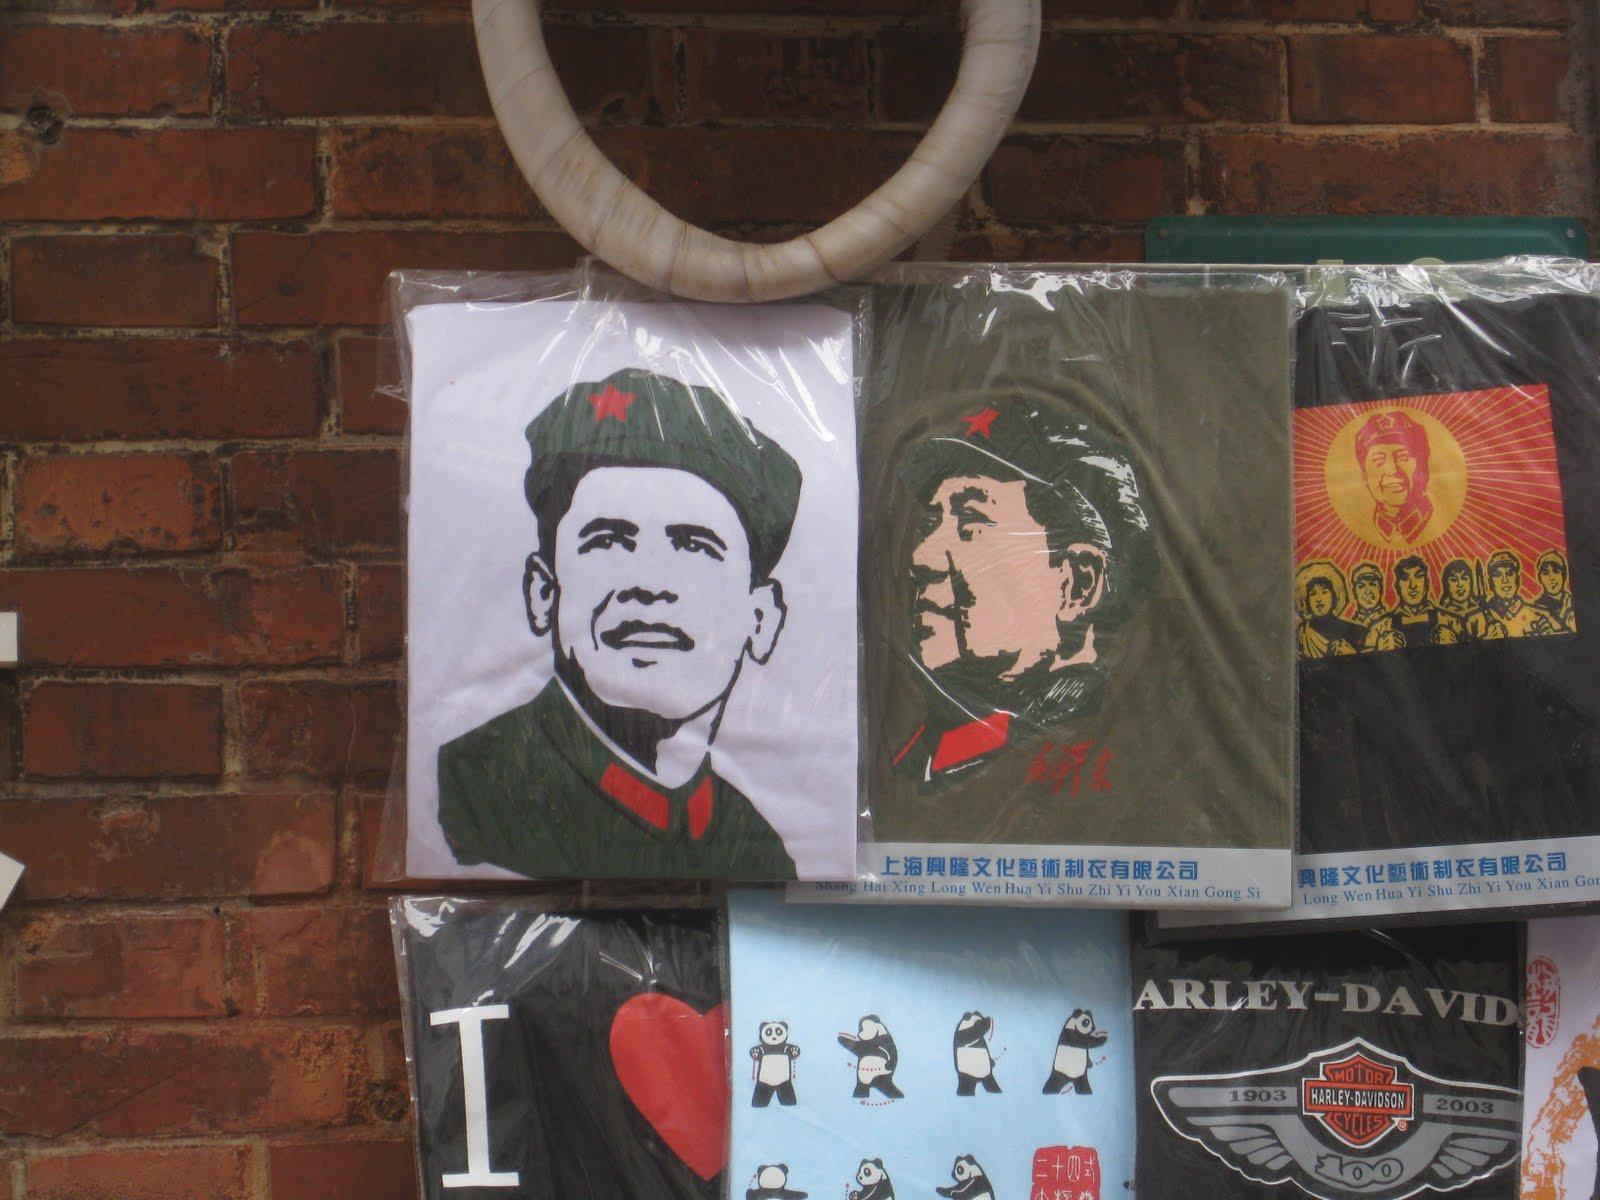 http://3.bp.blogspot.com/-avL3MlGlFyM/TjgT87kqquI/AAAAAAAAAiw/Um2VkvbvdB0/s1600/Maobama+T-shirt.JPG